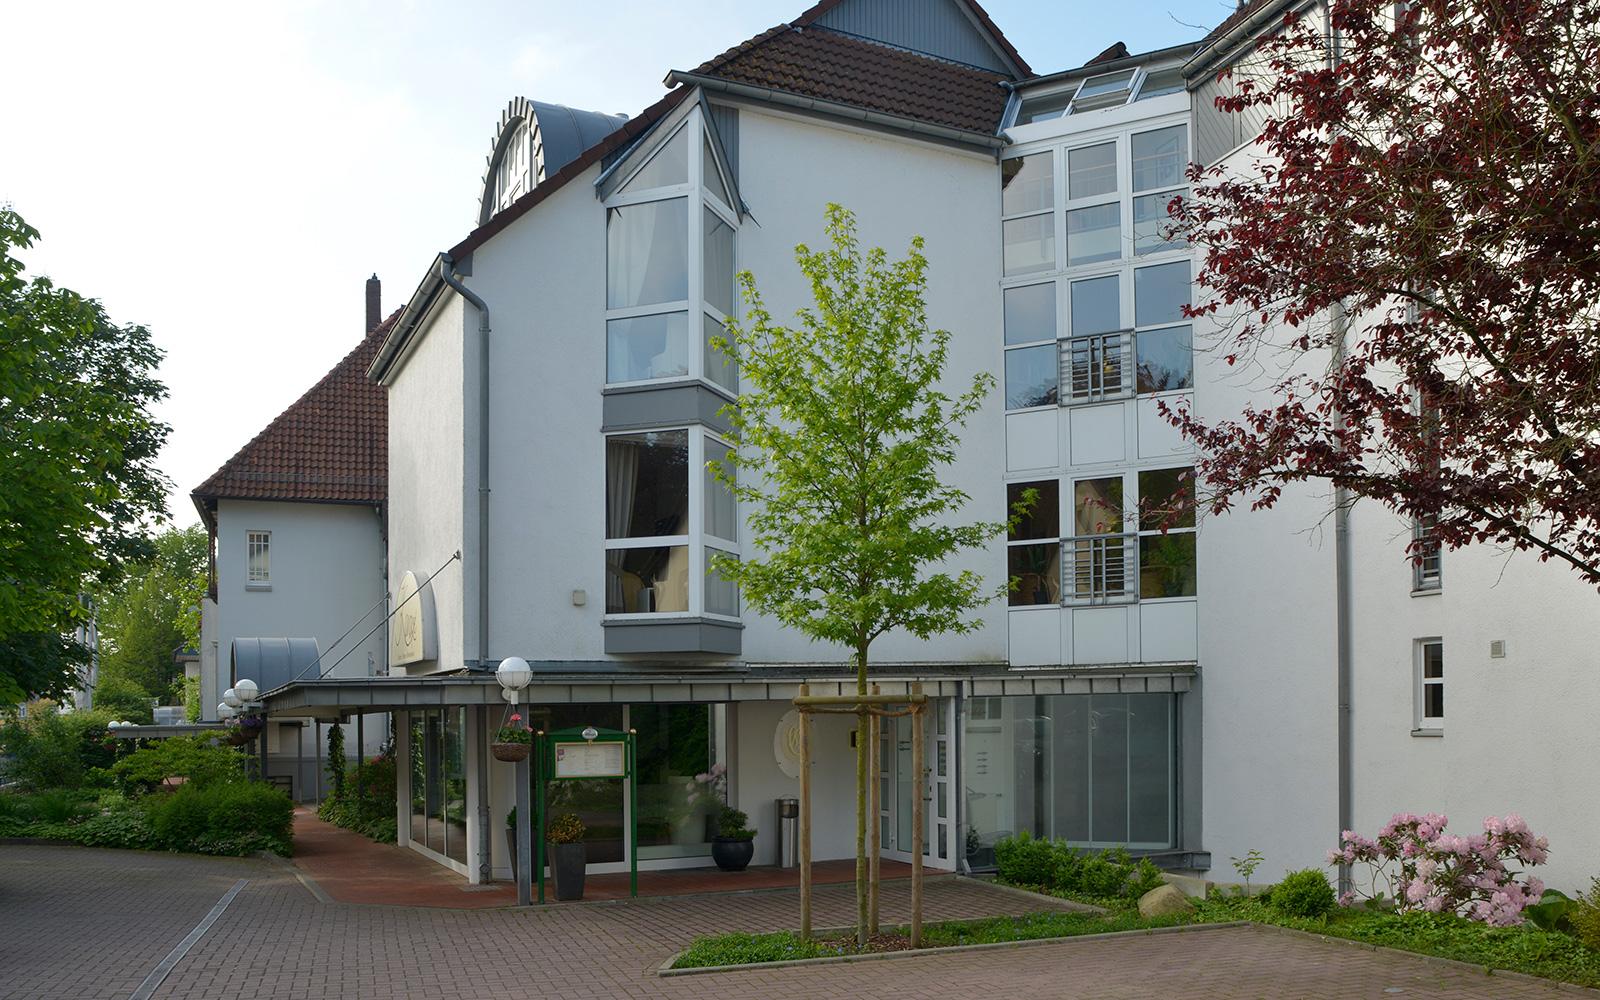 Hotel Celle Nahe Bahnhof